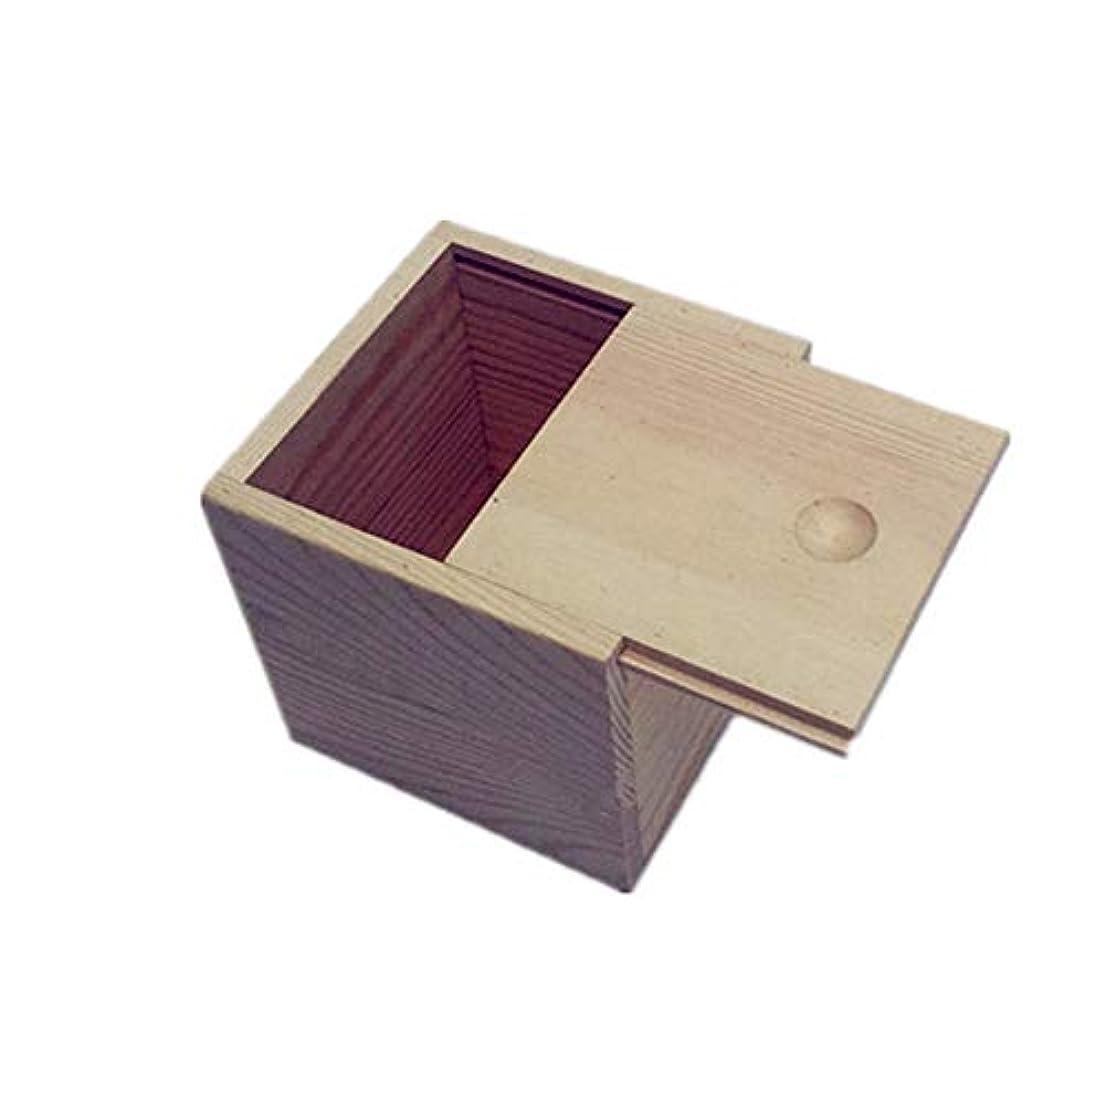 平和などこか振る舞いエッセンシャルオイルの保管 木製のエッセンシャルオイルストレージボックス安全なスペースセーバーあなたの油を維持するためのベスト (色 : Natural, サイズ : 9X9X5CM)